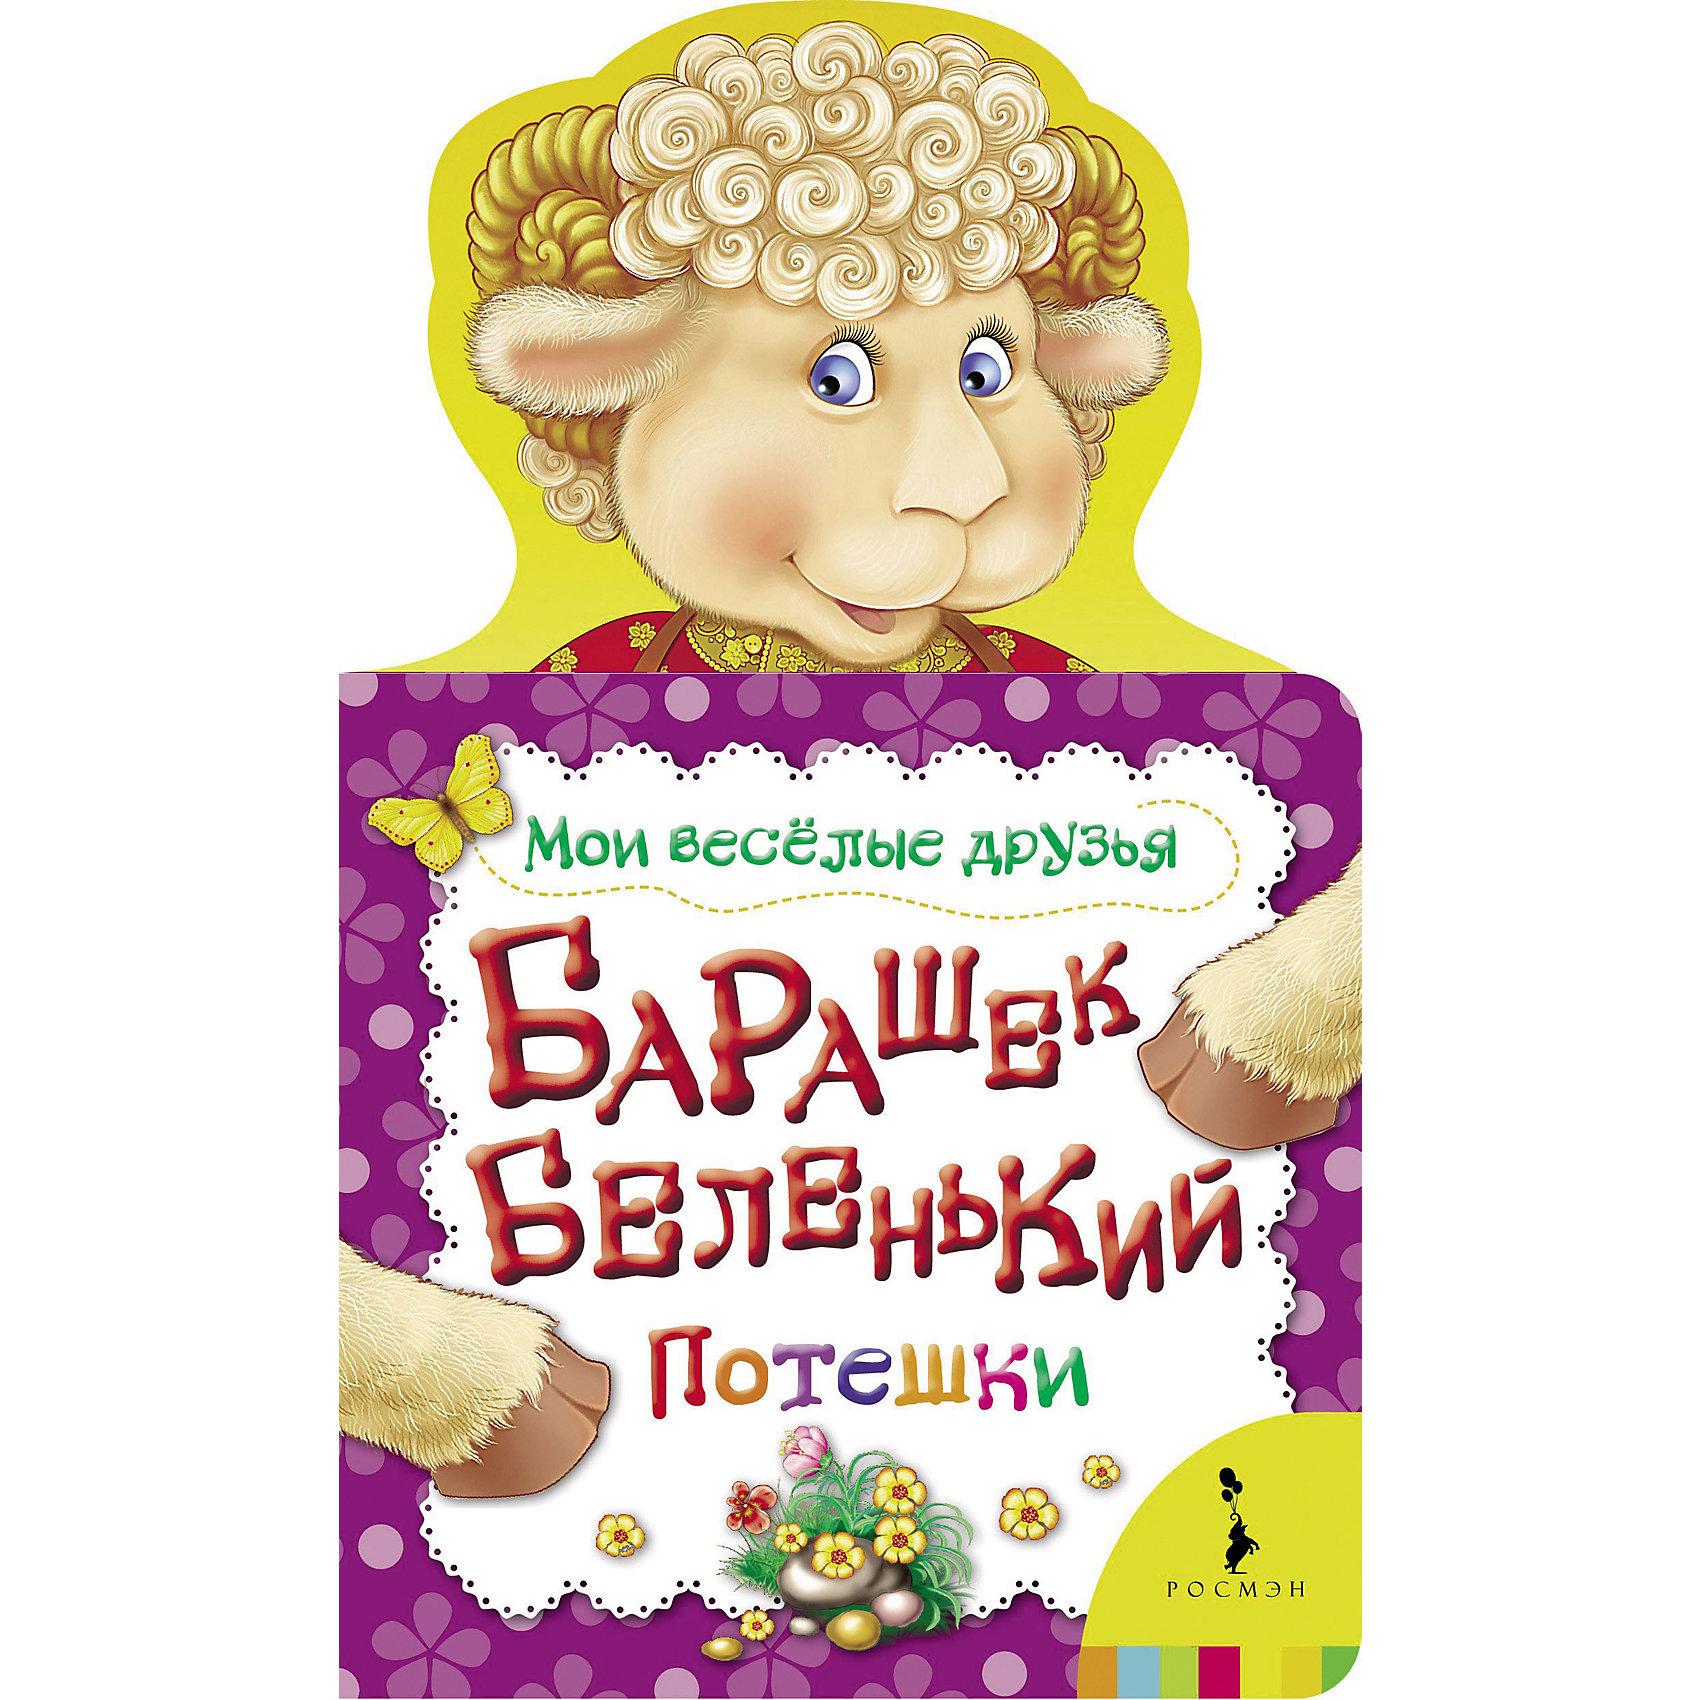 Росмэн Барашек беленький (Мои веселые друзья) росмэн книжка раскладушка колыбельные веселые гармошки